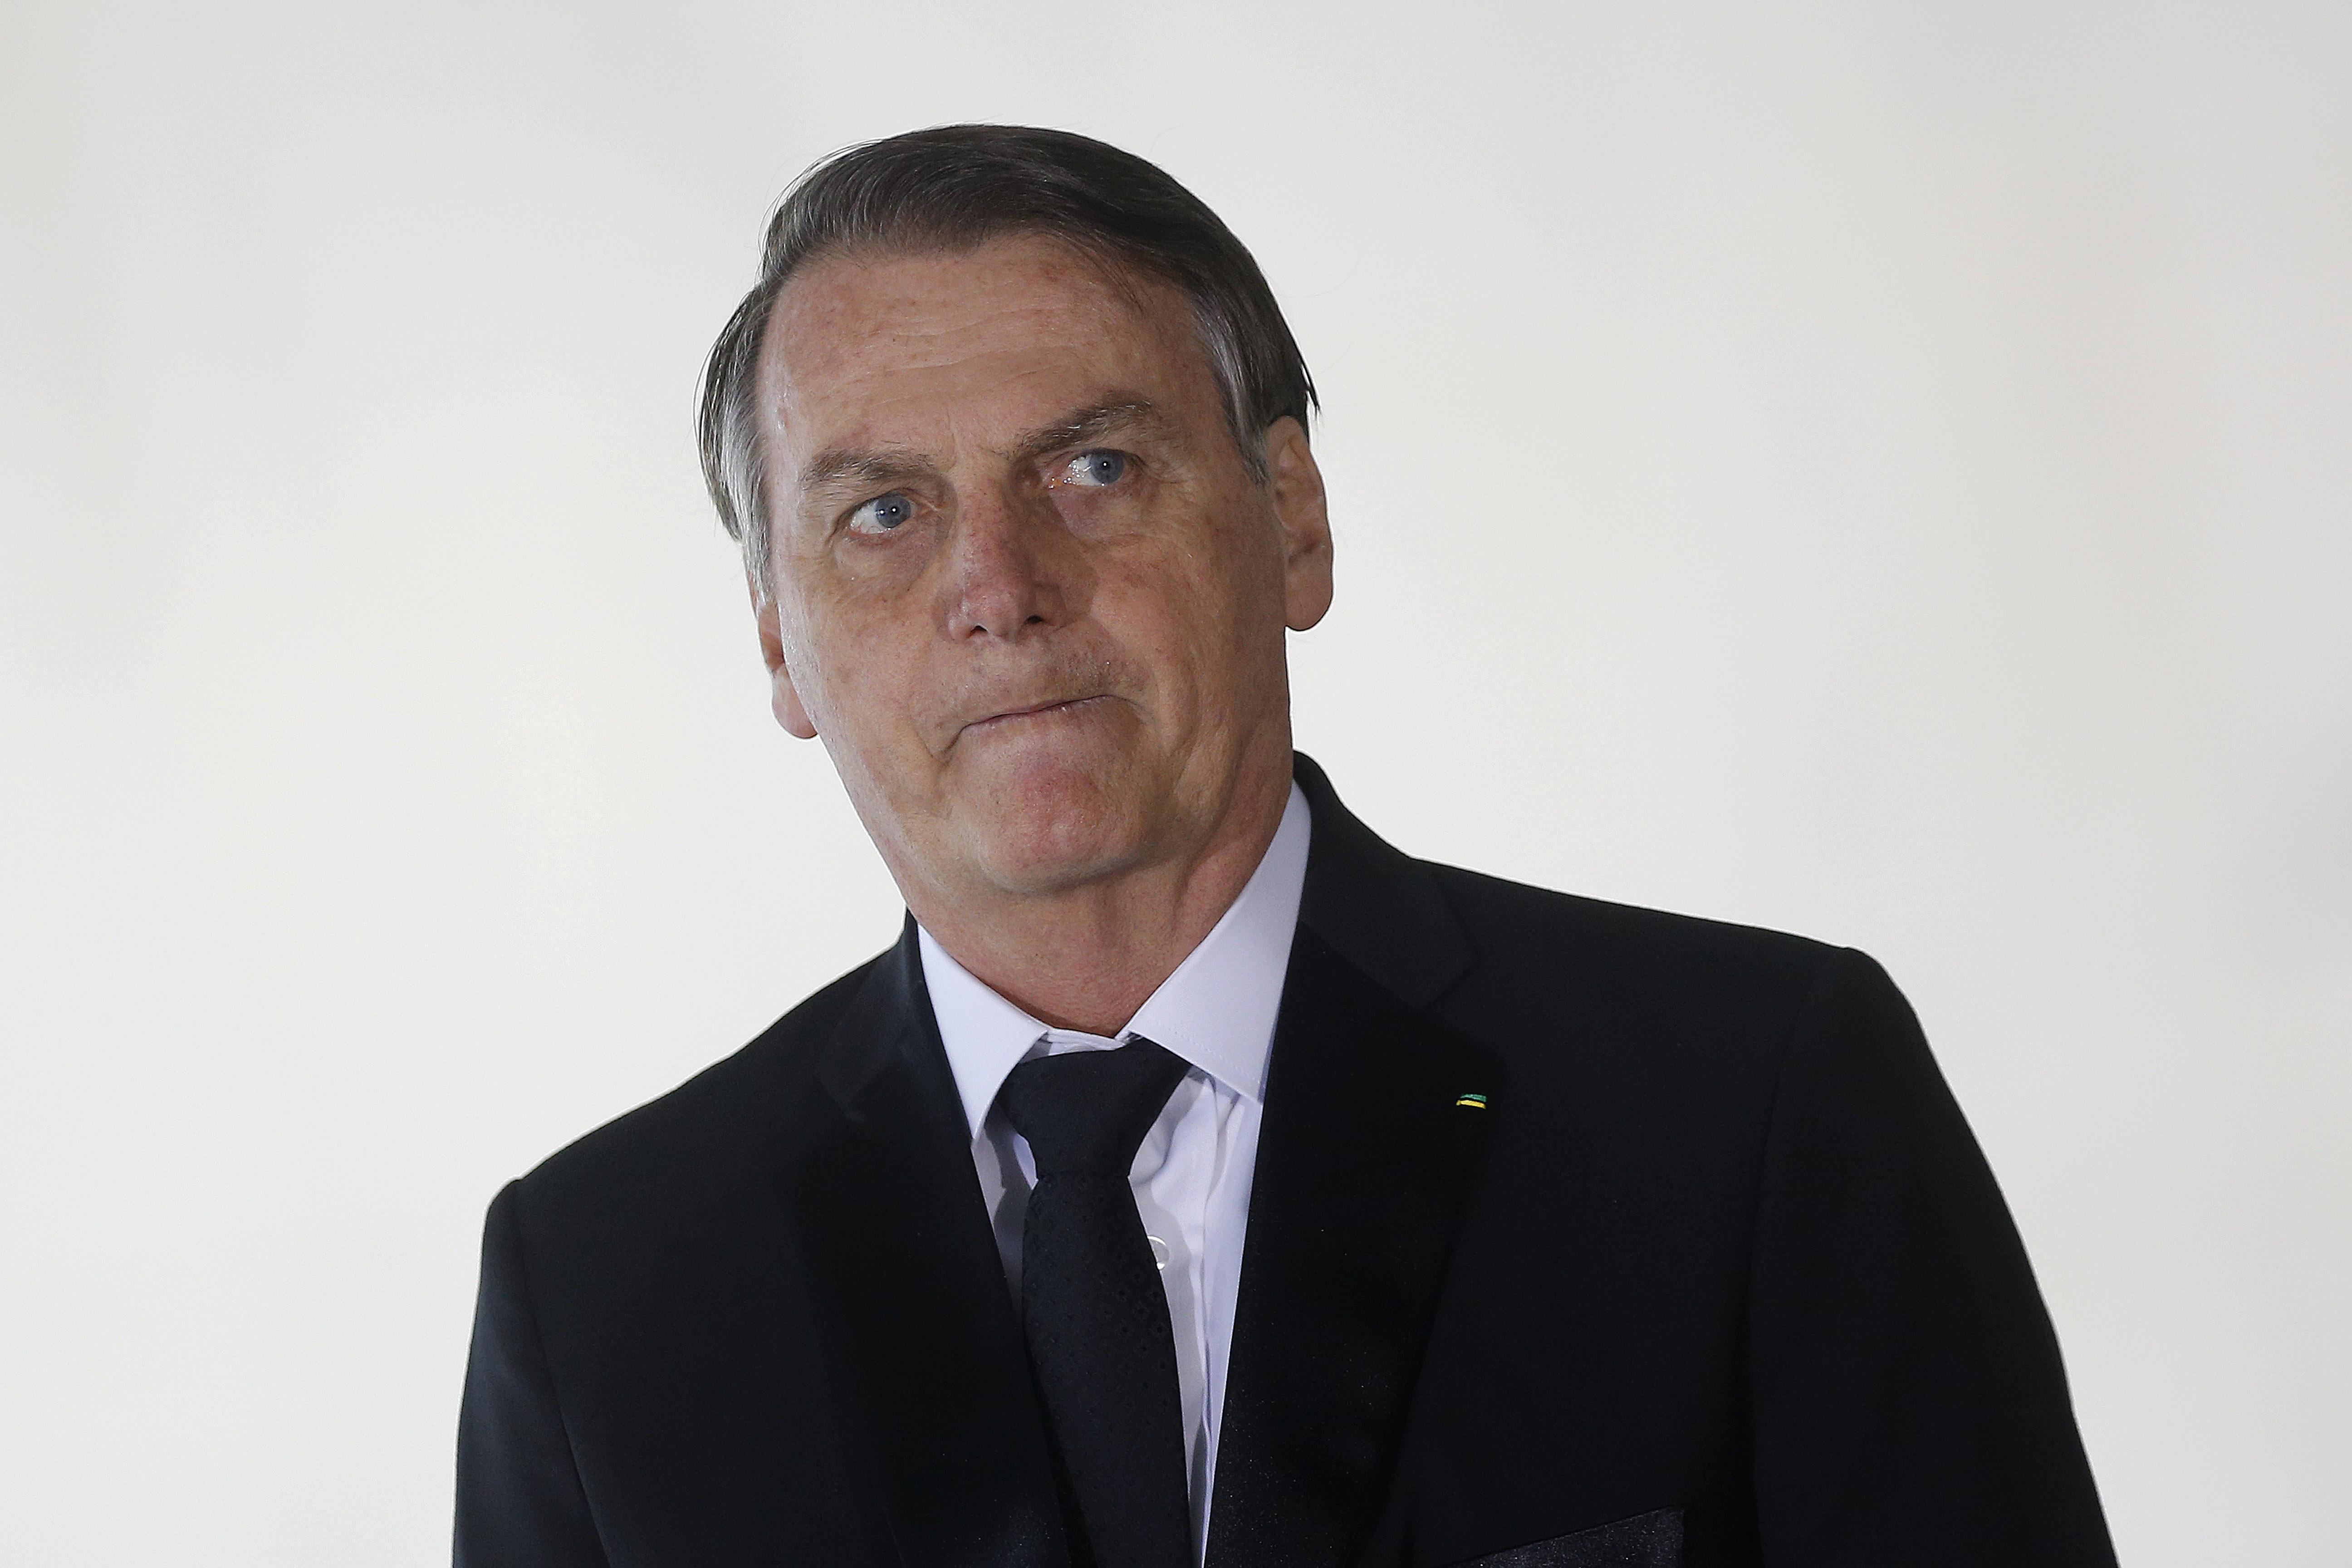 IMAGEM: Bolsonaro deve indicar mais de 20 nomes para direção de agências